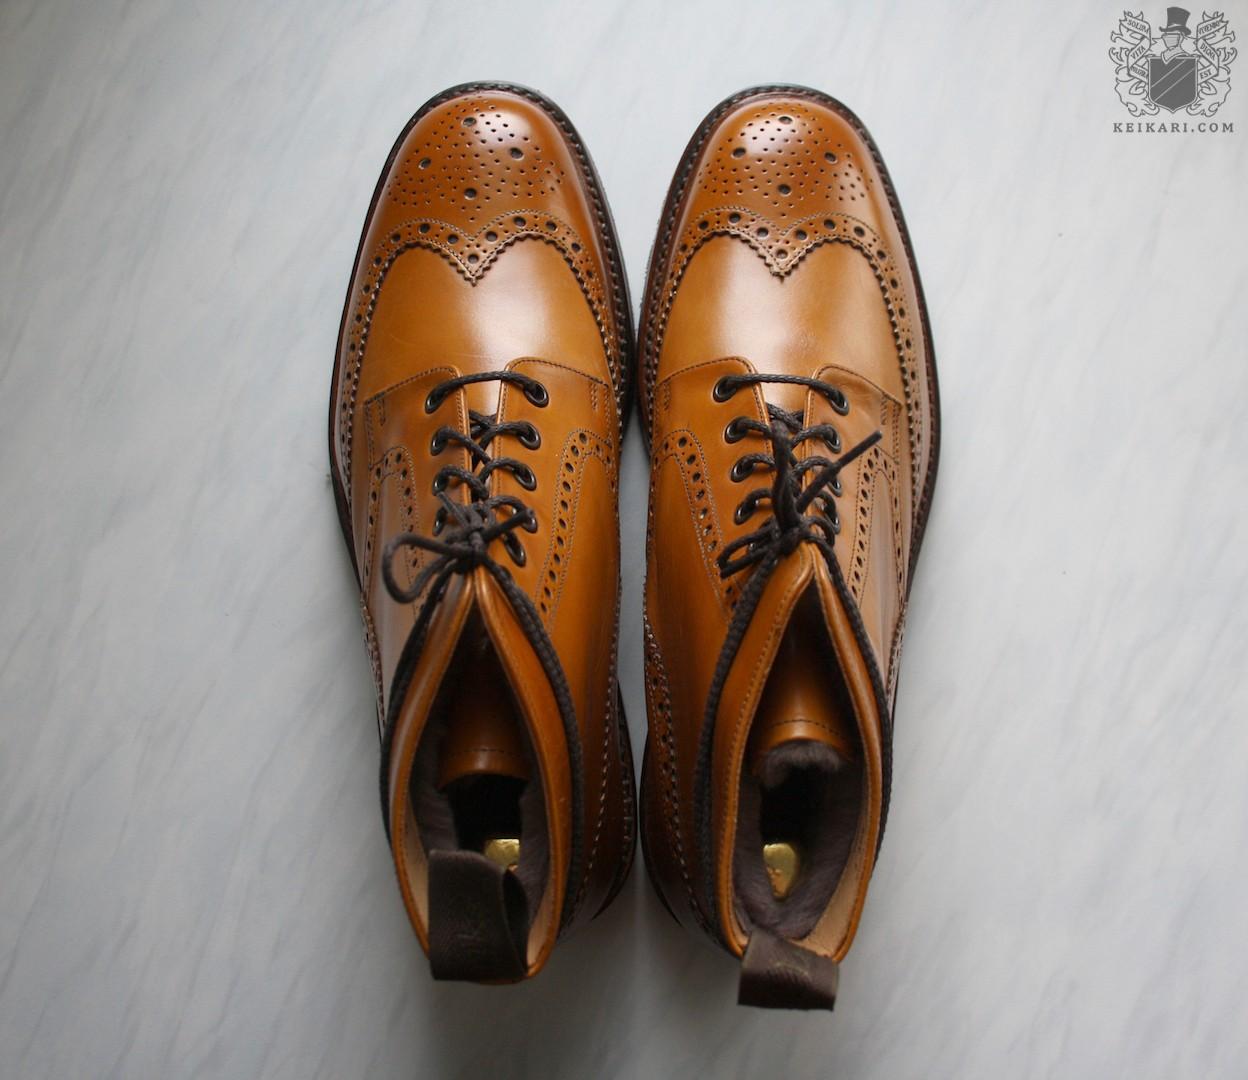 Loake_Wolf_shearling_boots_at_Keikari_dot_com10.jpg